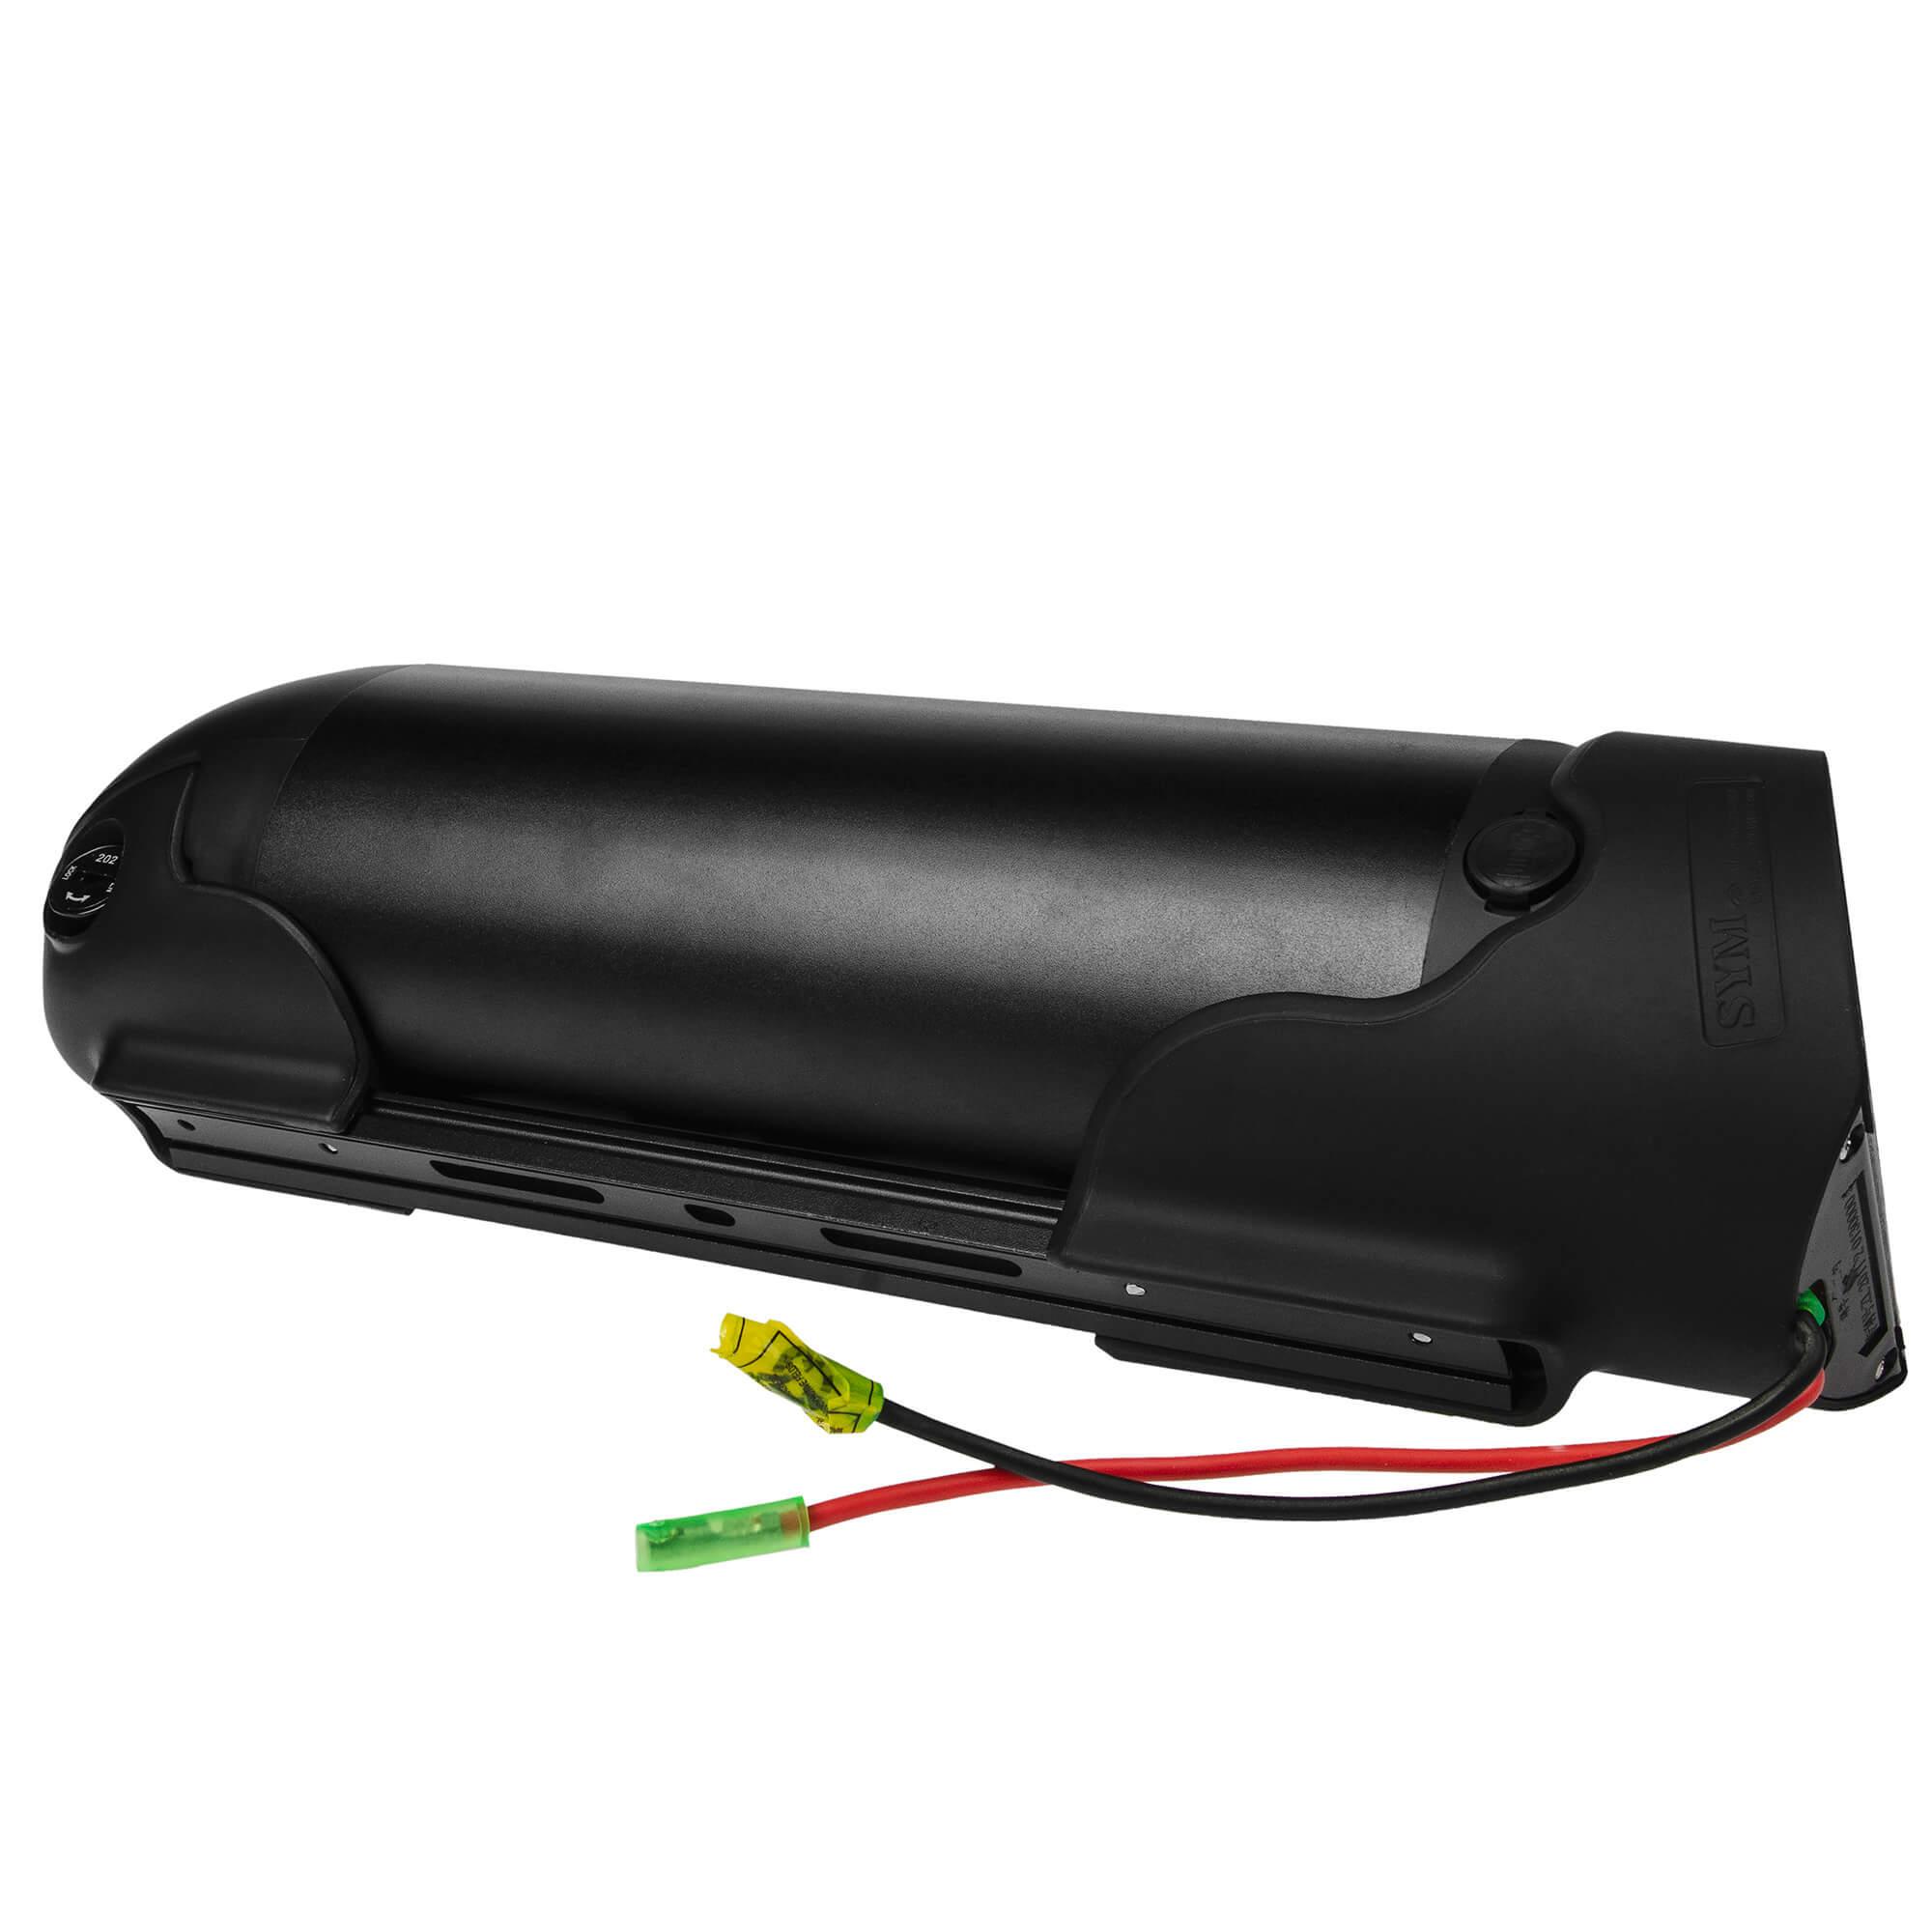 E-Bike 278Wh 24 V Batterie Batterie Batterie Pedelec bouteille Stealth BLIX Saxonette leader freego 9f700c